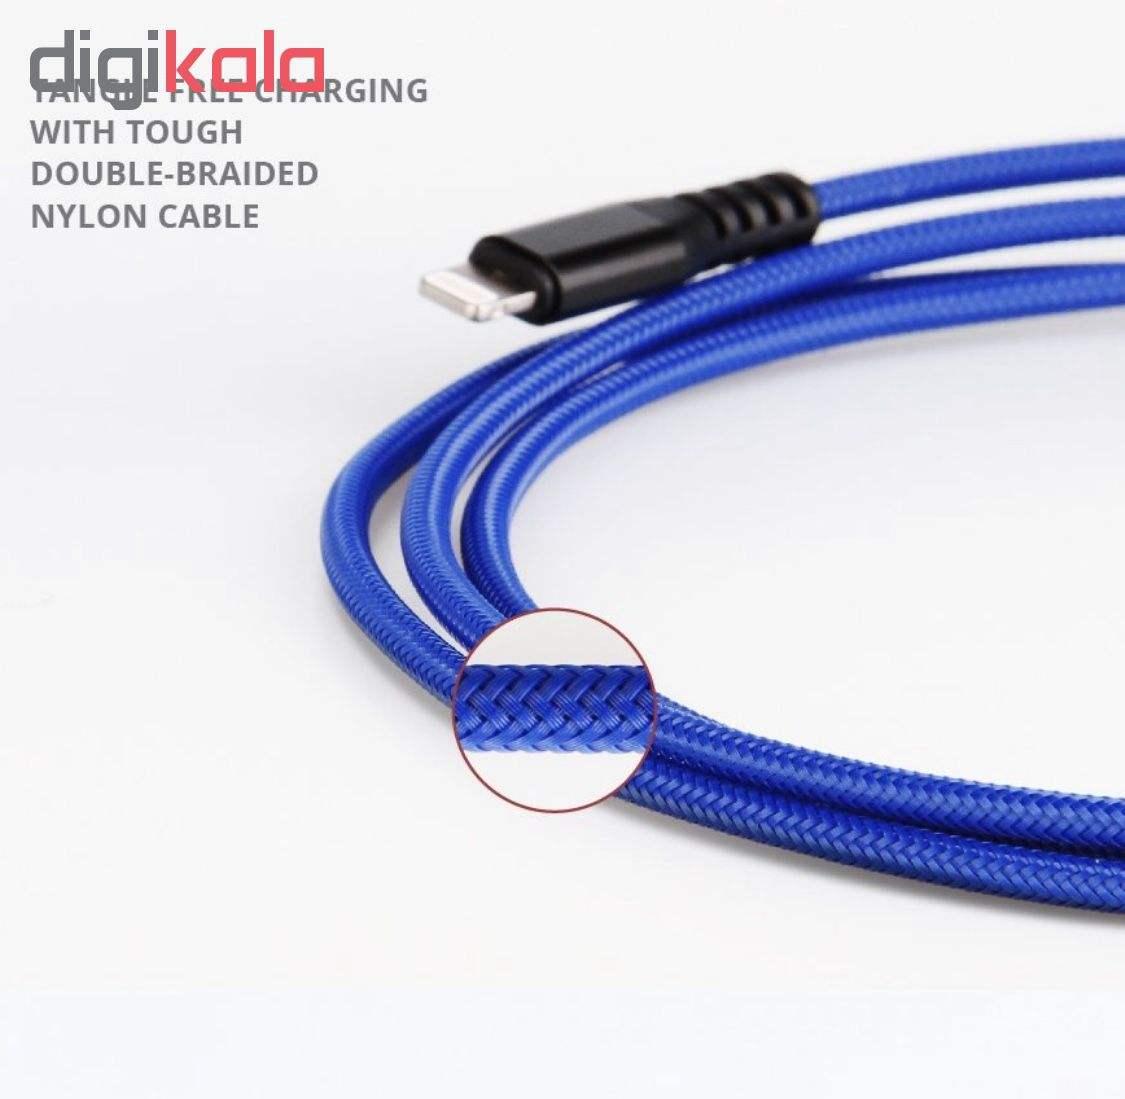 کابل تبدیل USB به لایتنینگ آیماس مدل Atough طول 1.8 متر main 1 12